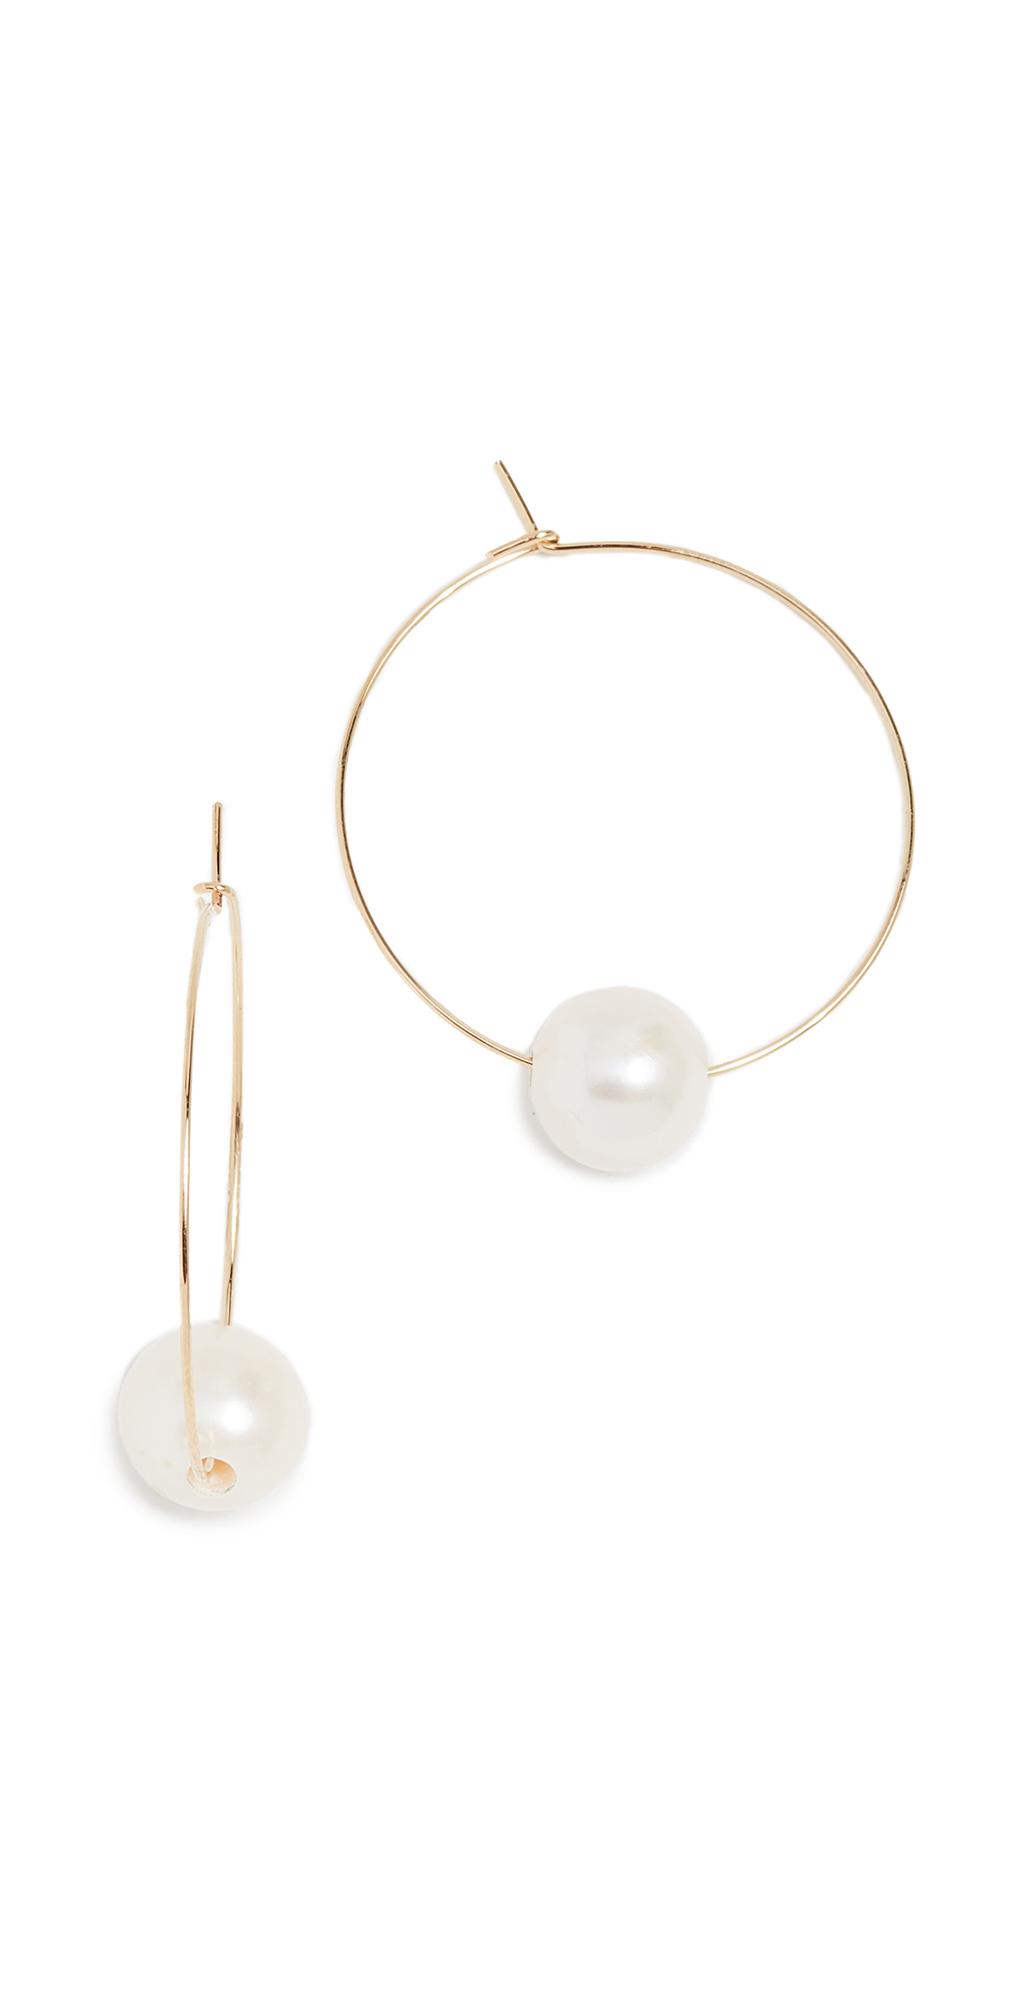 Freshwater Cultured Pearl Around Hoop Earrings